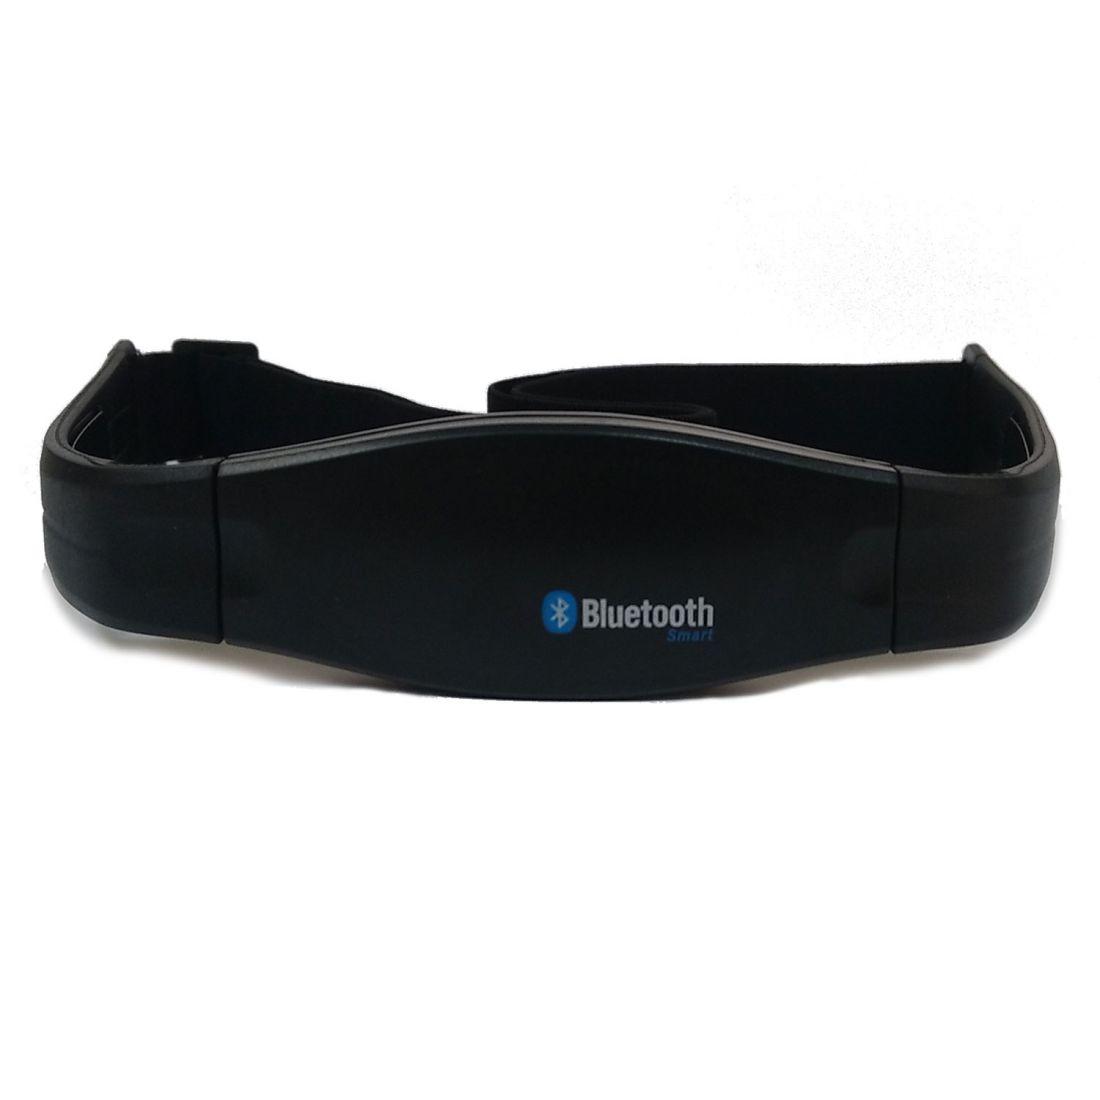 Нагрудный кардиодатчик DFC W227Q  Bluetooth 4.0 и 5.3кГц